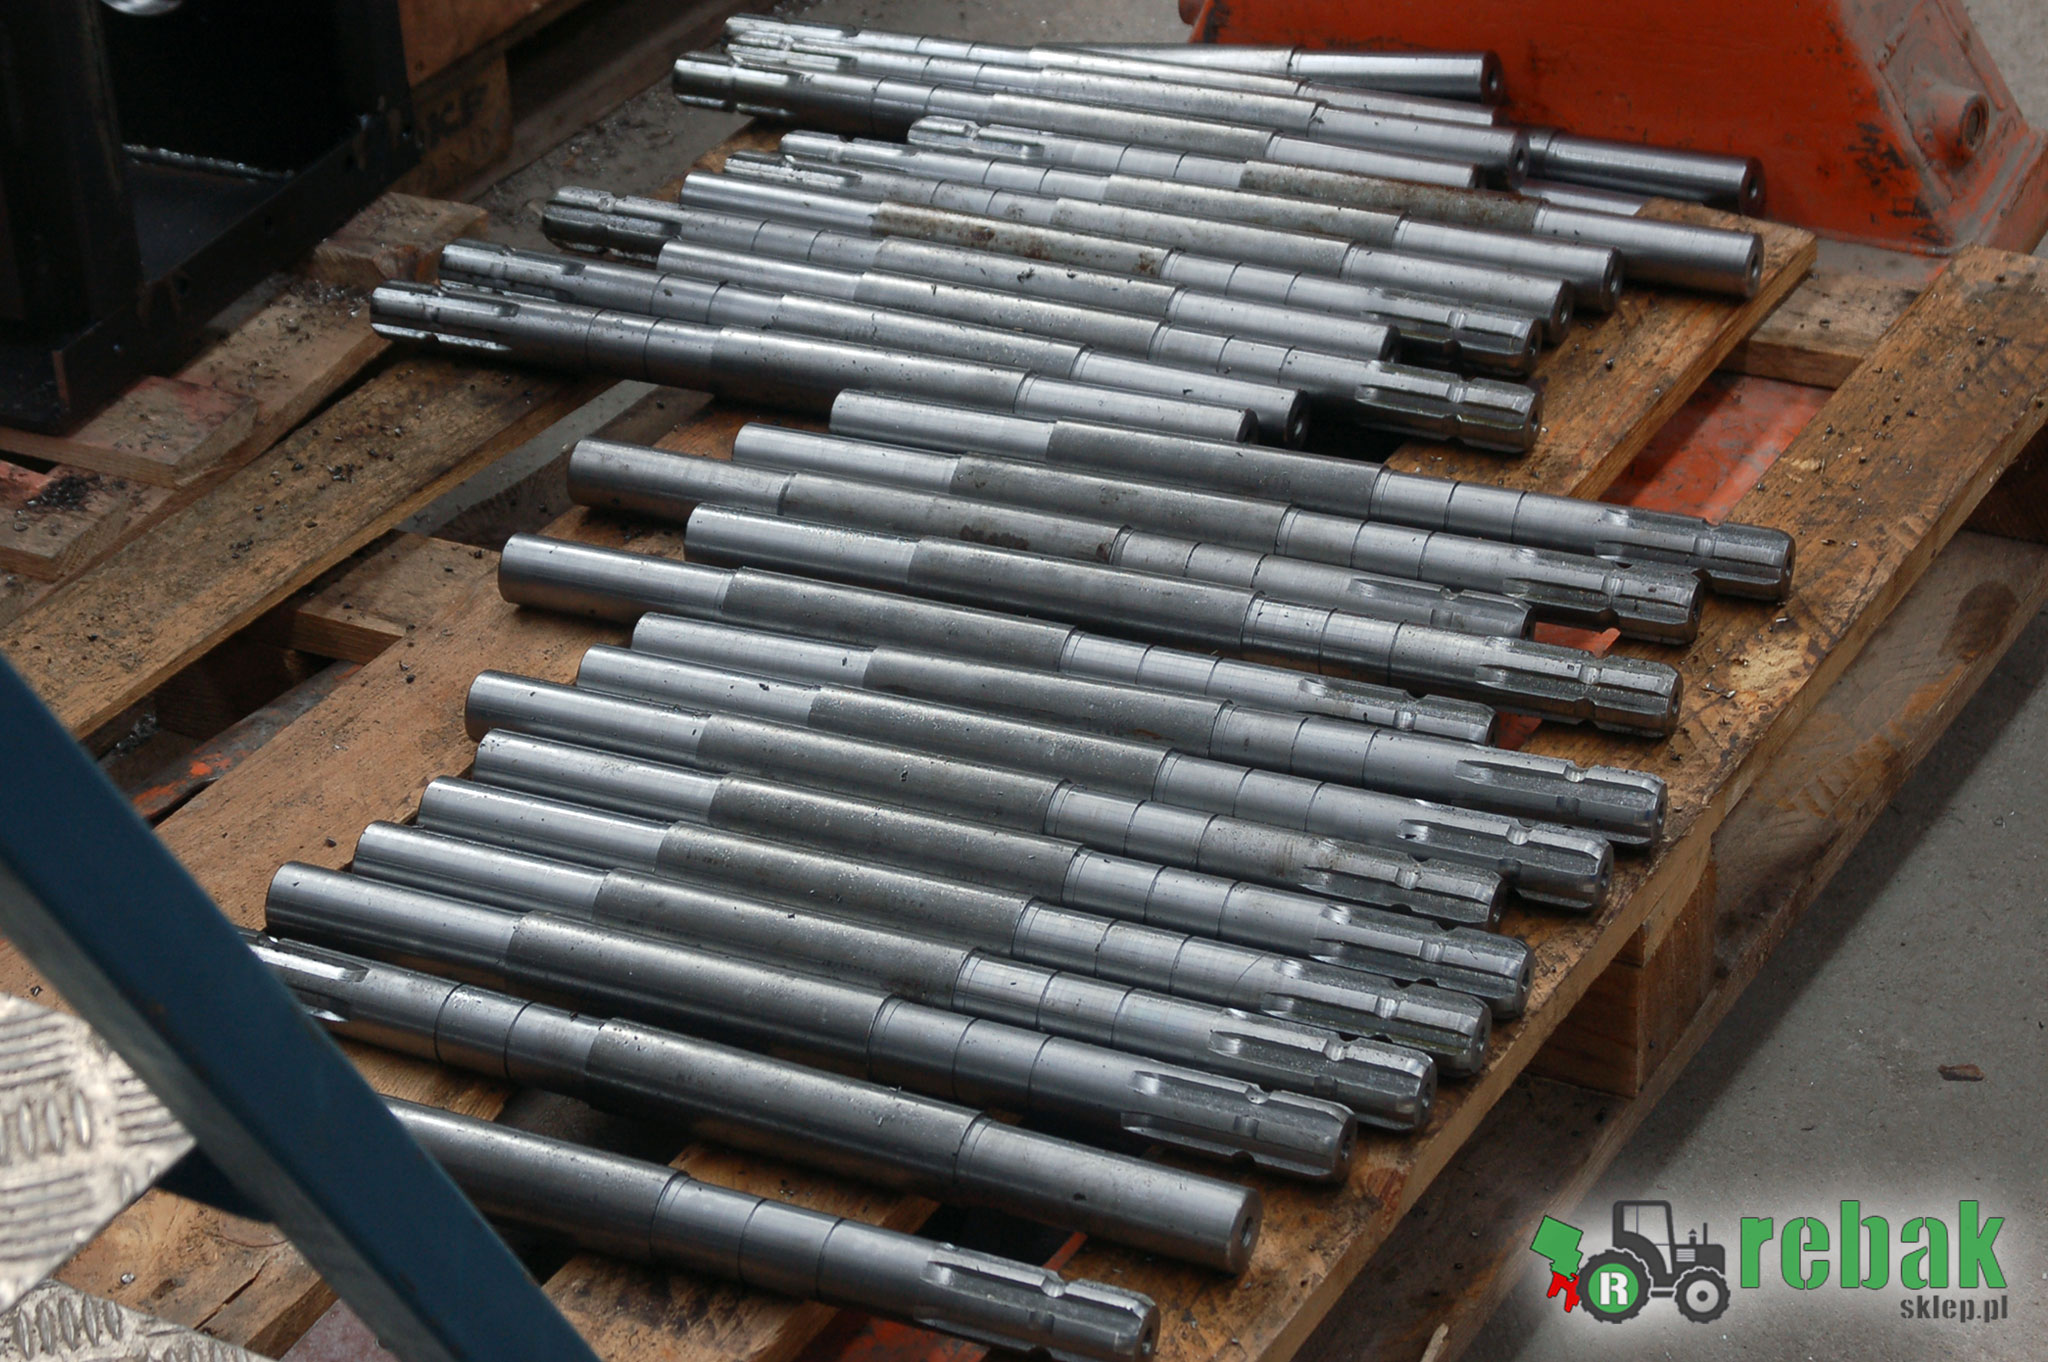 rębak cena, rębaki cena, rebak cena rebaki cena rebak rebaki sklep MetalCAD Rębak do traktora, rębak do ciągnika rozdrabniacz, rębaki do gałęzi wały robocze hartowane zębatki noże tnące HARDOX, WOM